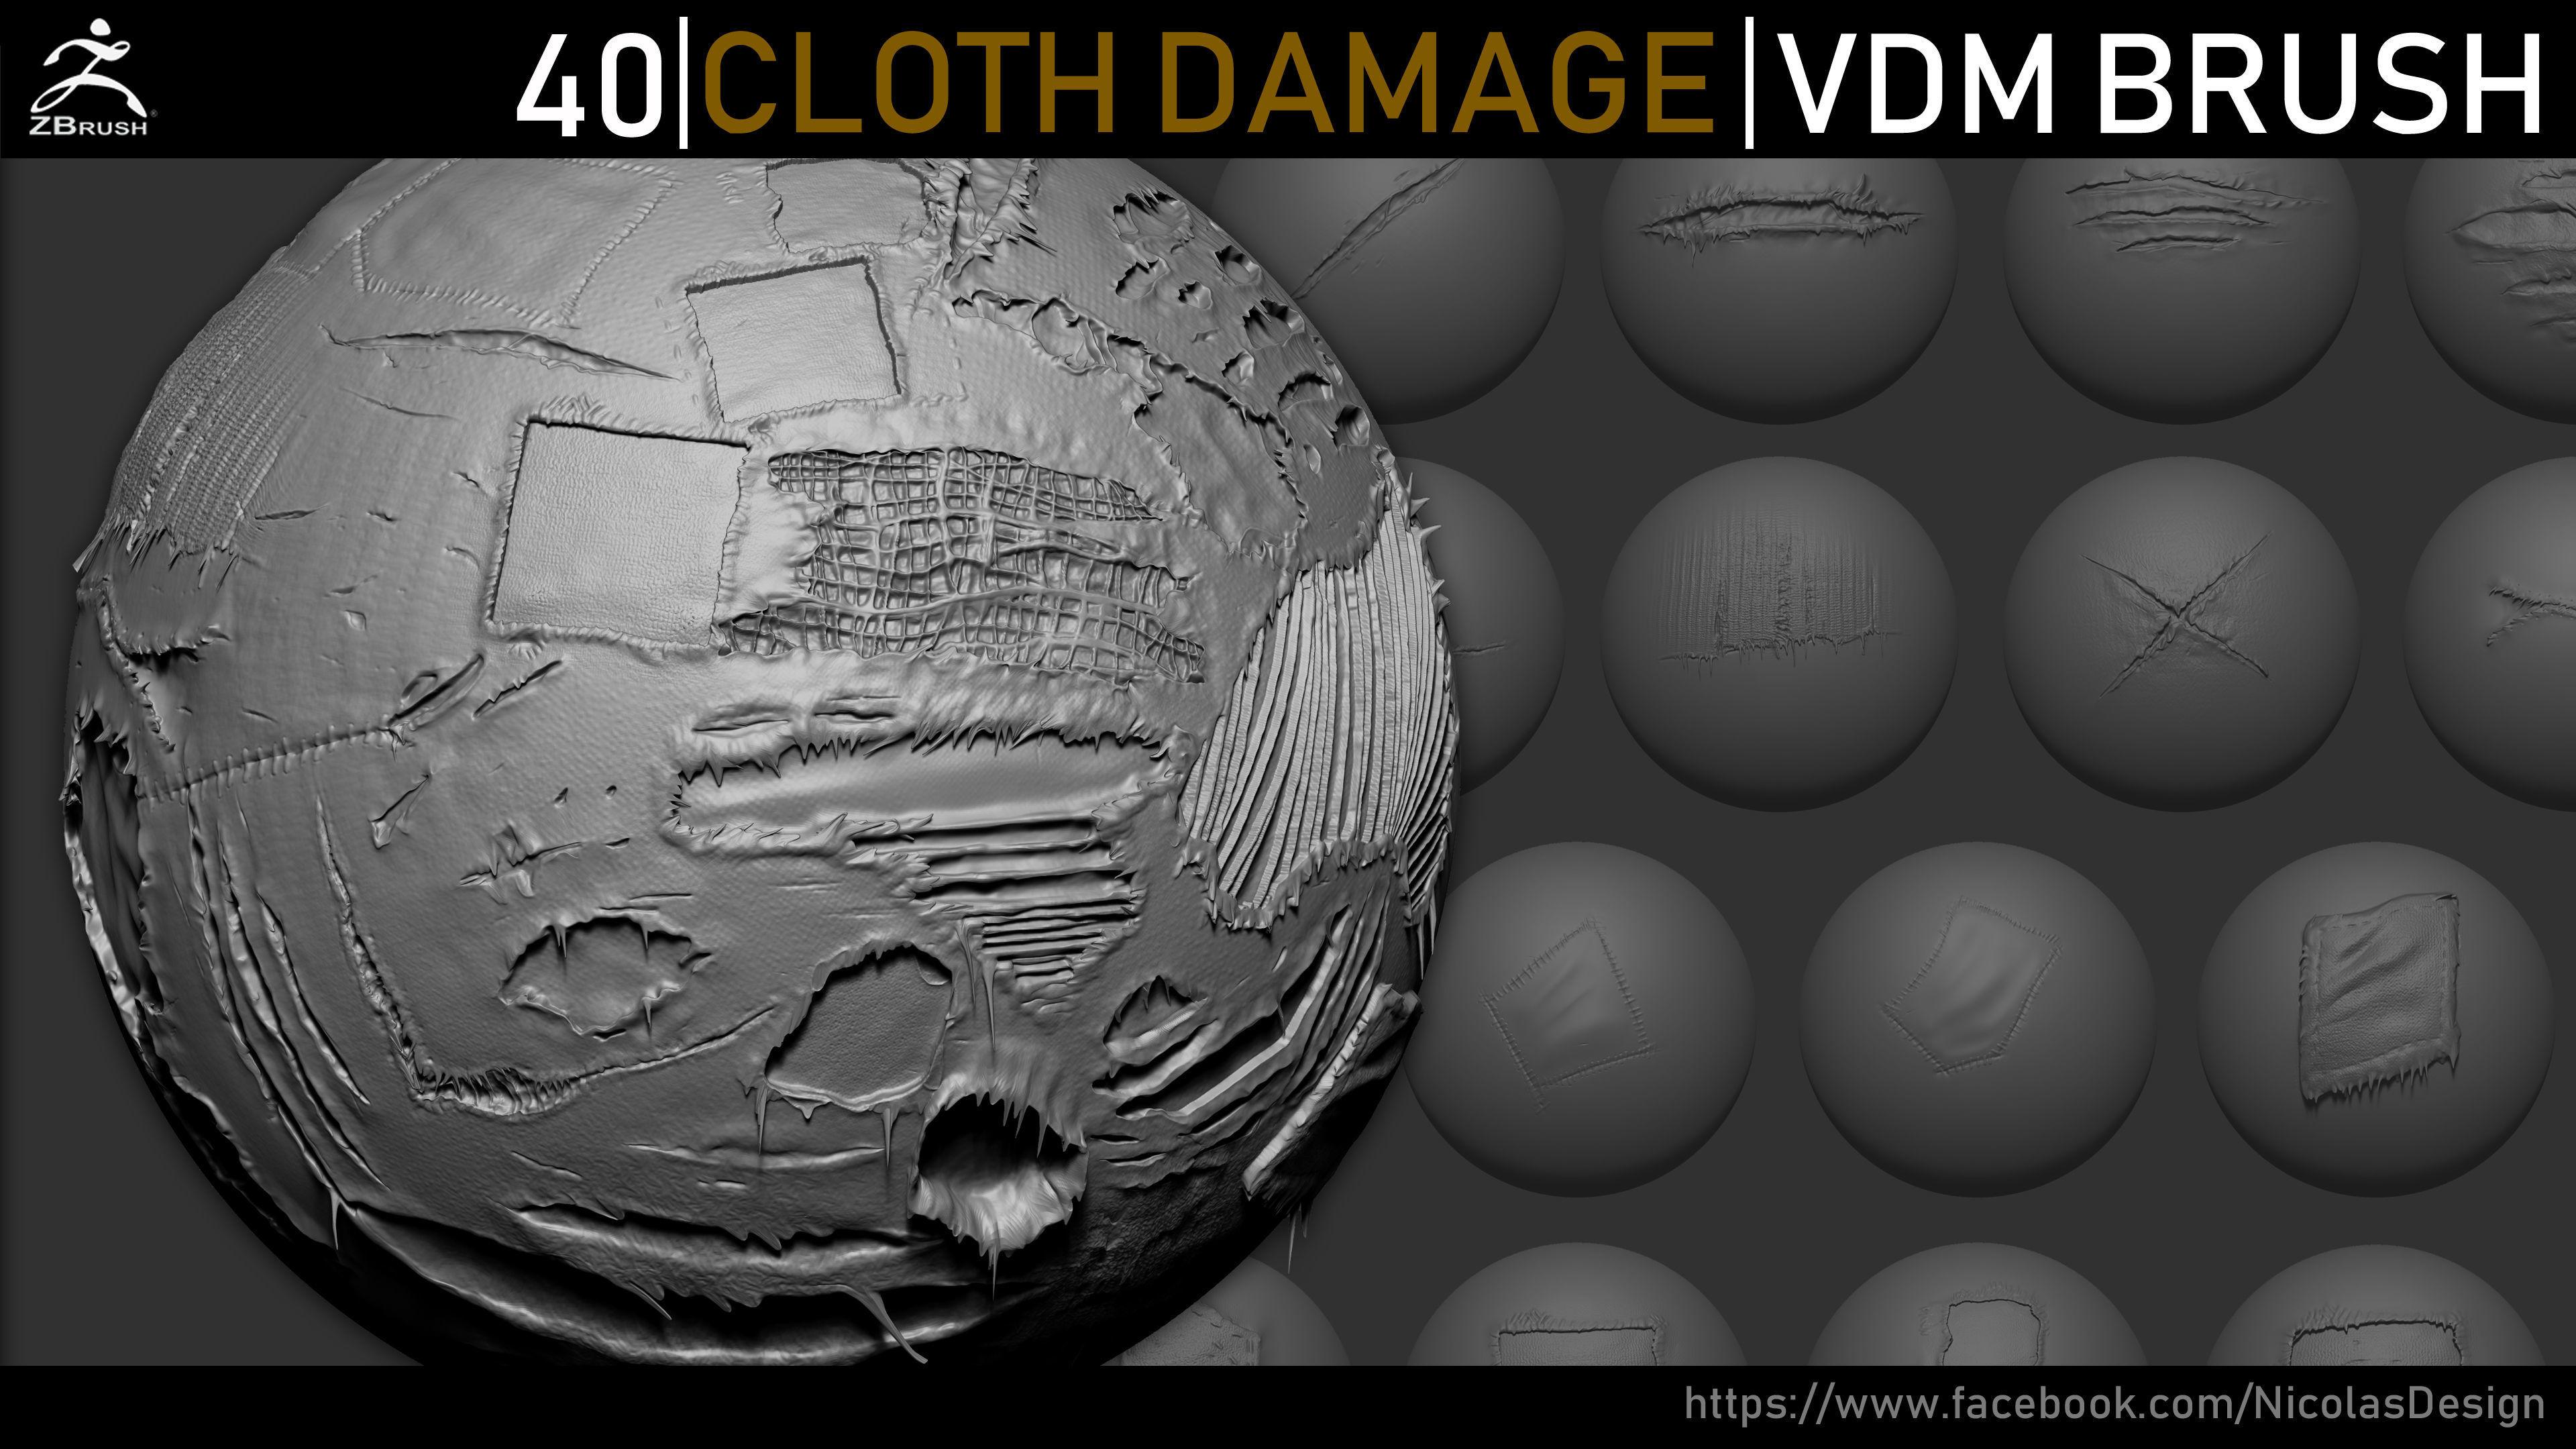 Zbrush - Cloth Damage VDM Brush | Texture